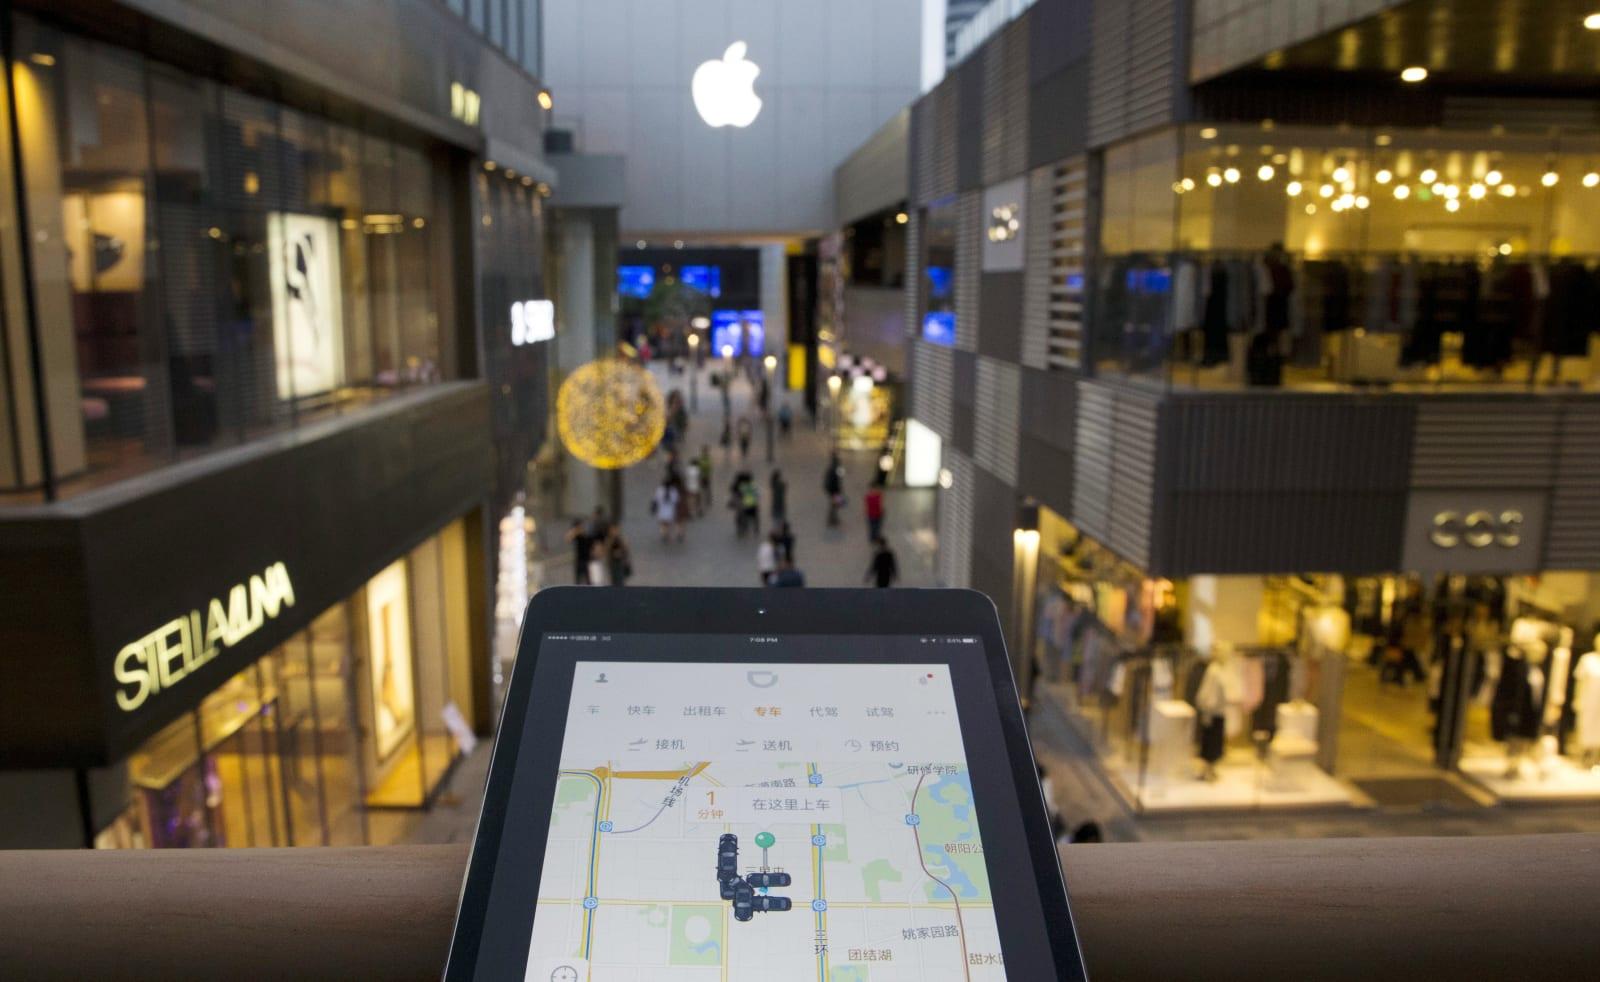 China Apple Didi Chuxing